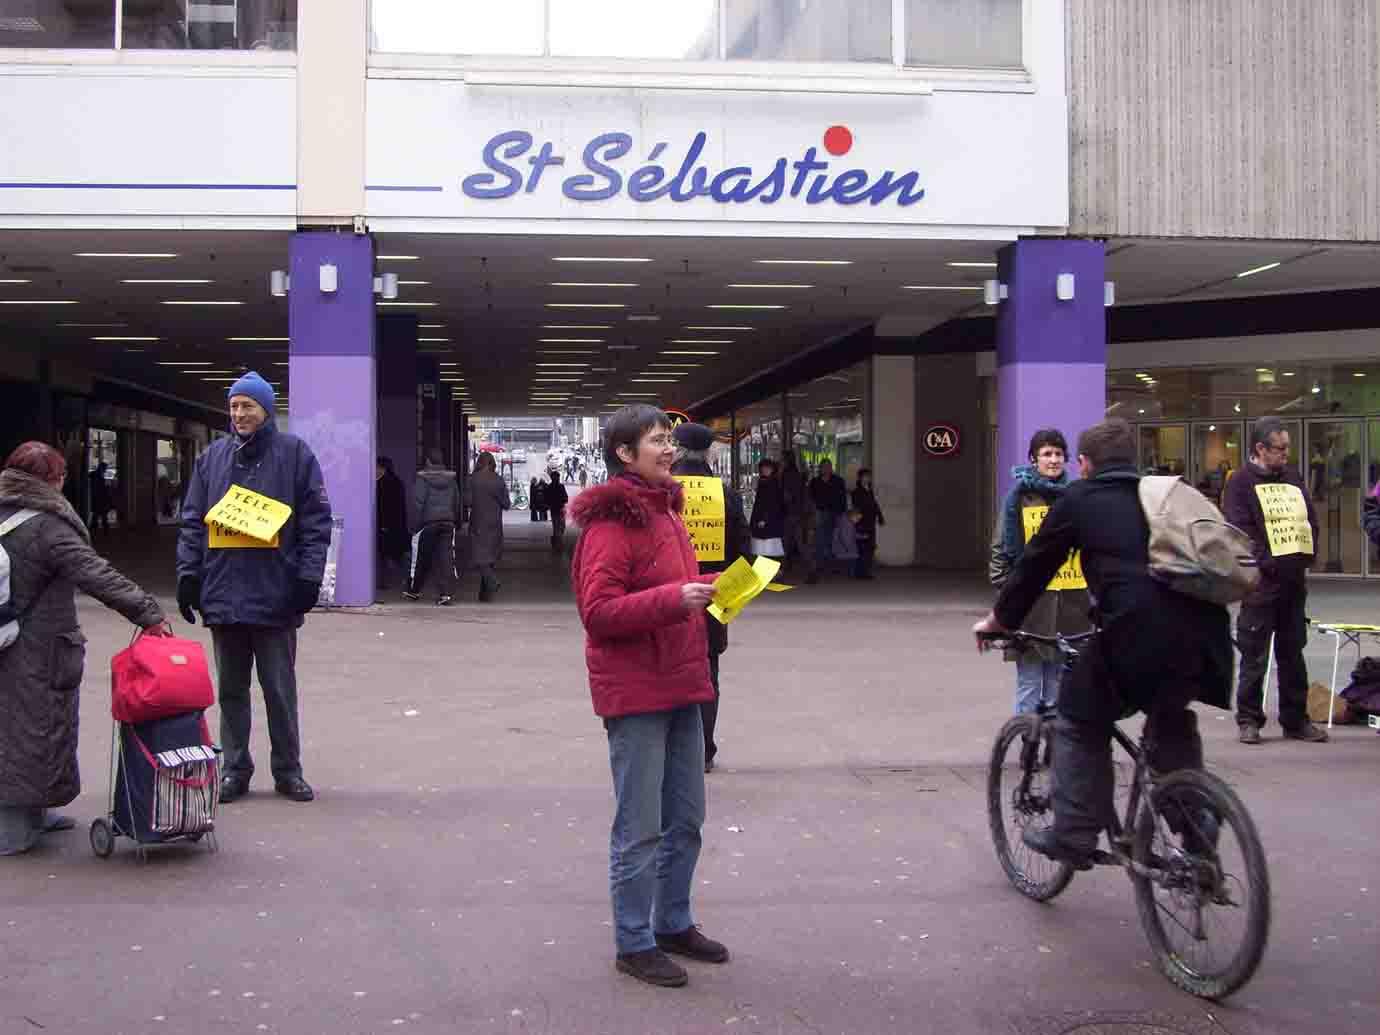 7af052045f2 14/03/2009, Nancy, Heure de Silence - Télé, pas de pub destinée aux ...